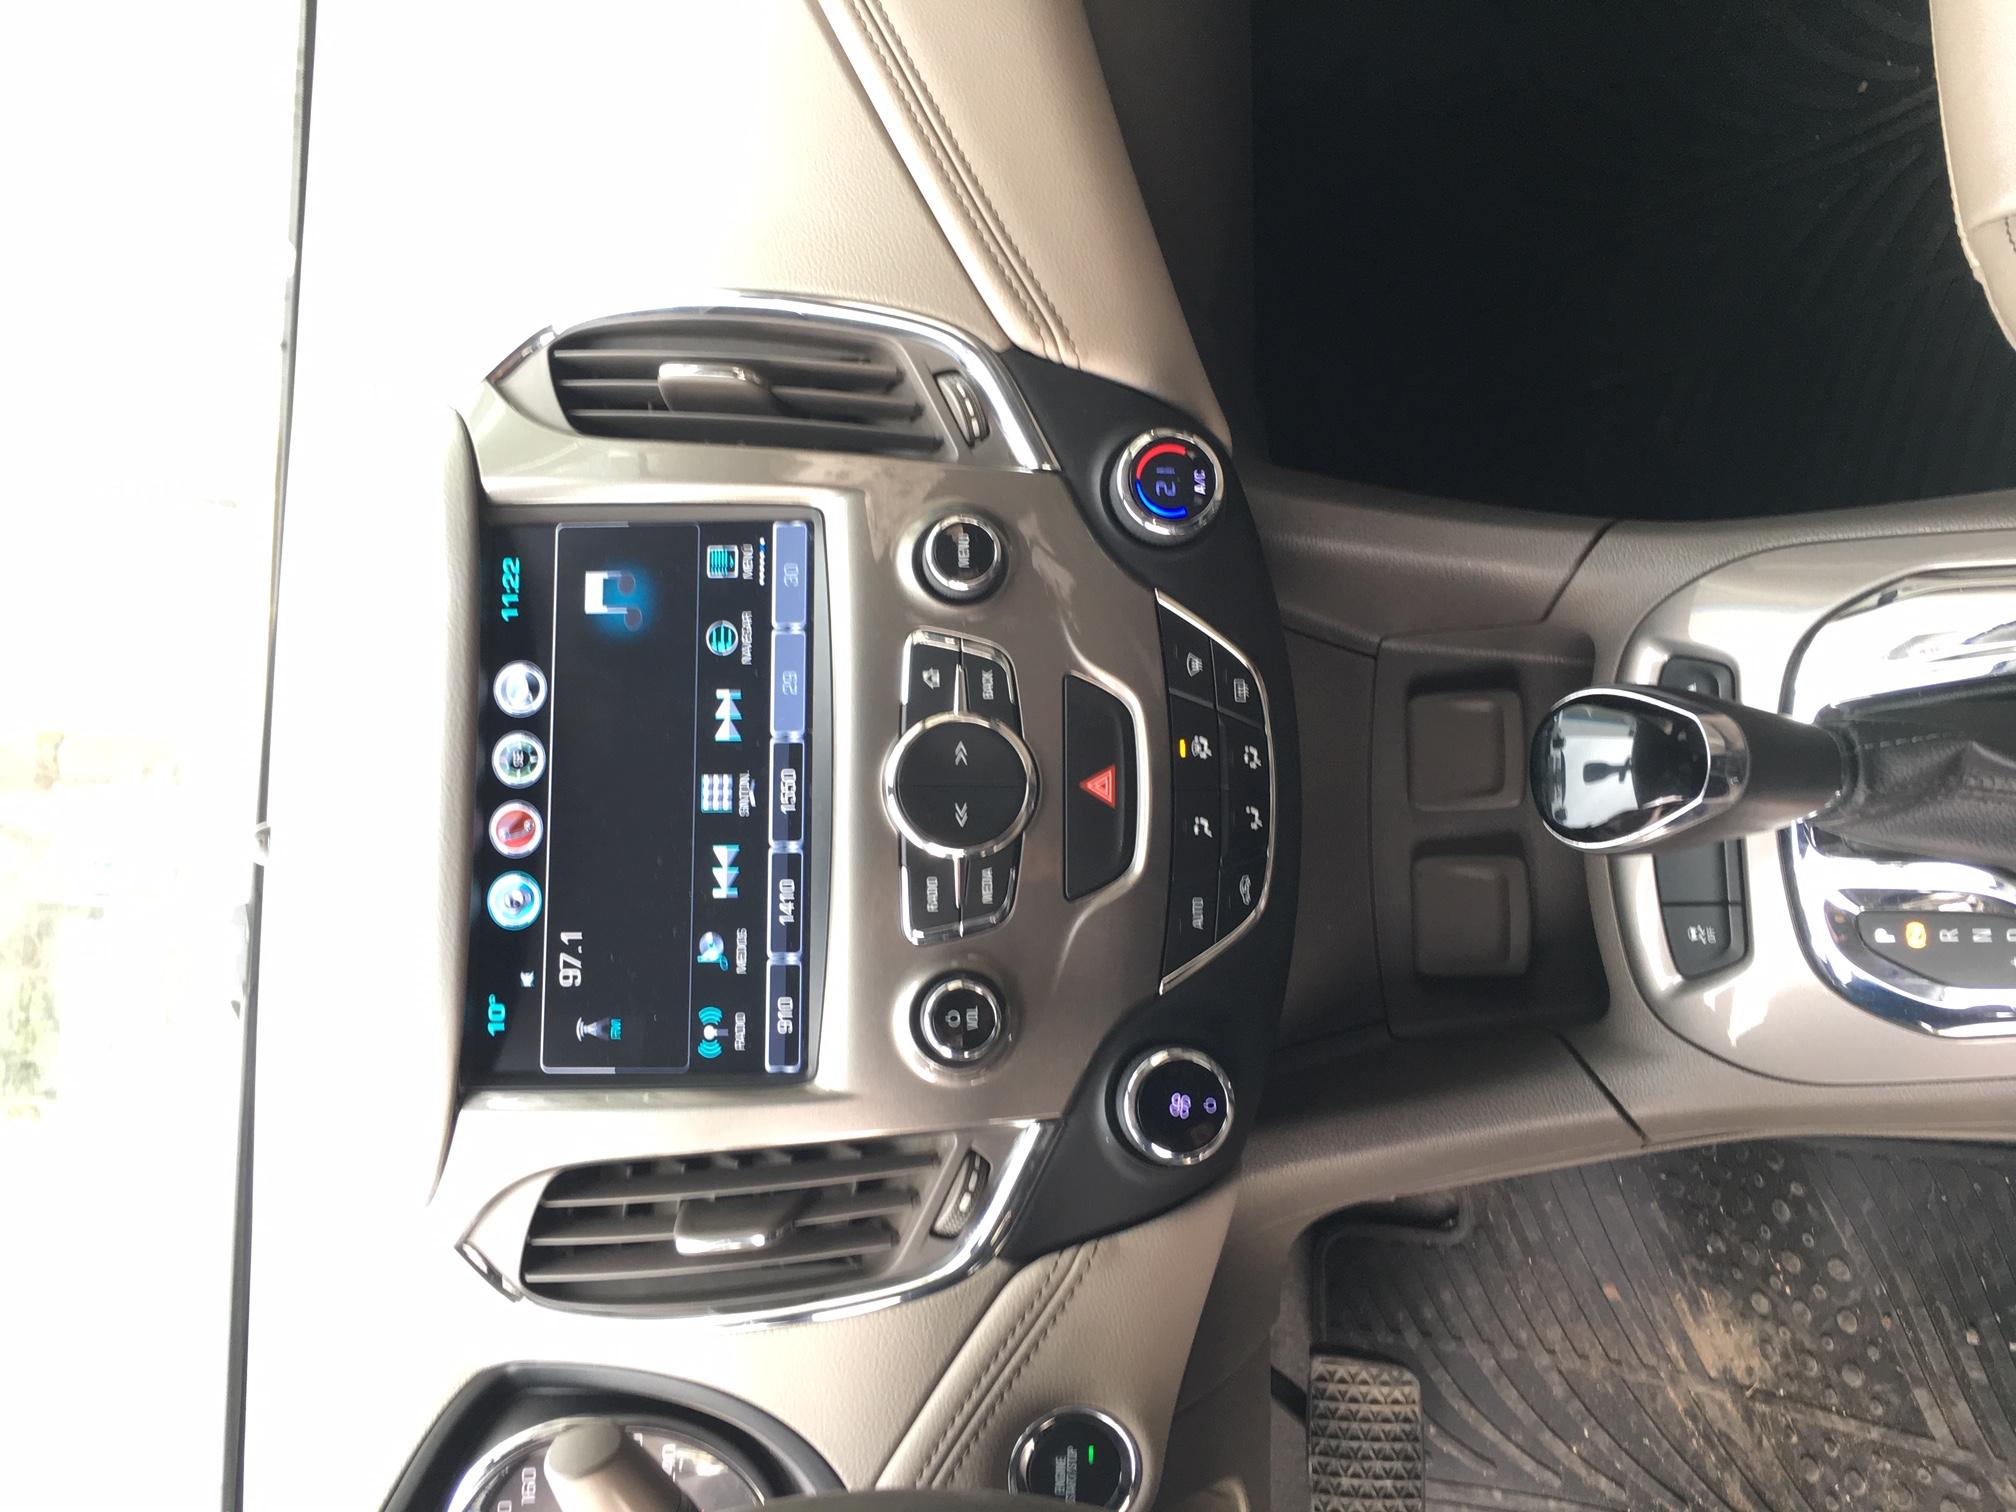 2016 Chevrolet CRUZE 1.4 TURBO LTZ A/T LTZ 1.4L TURBO